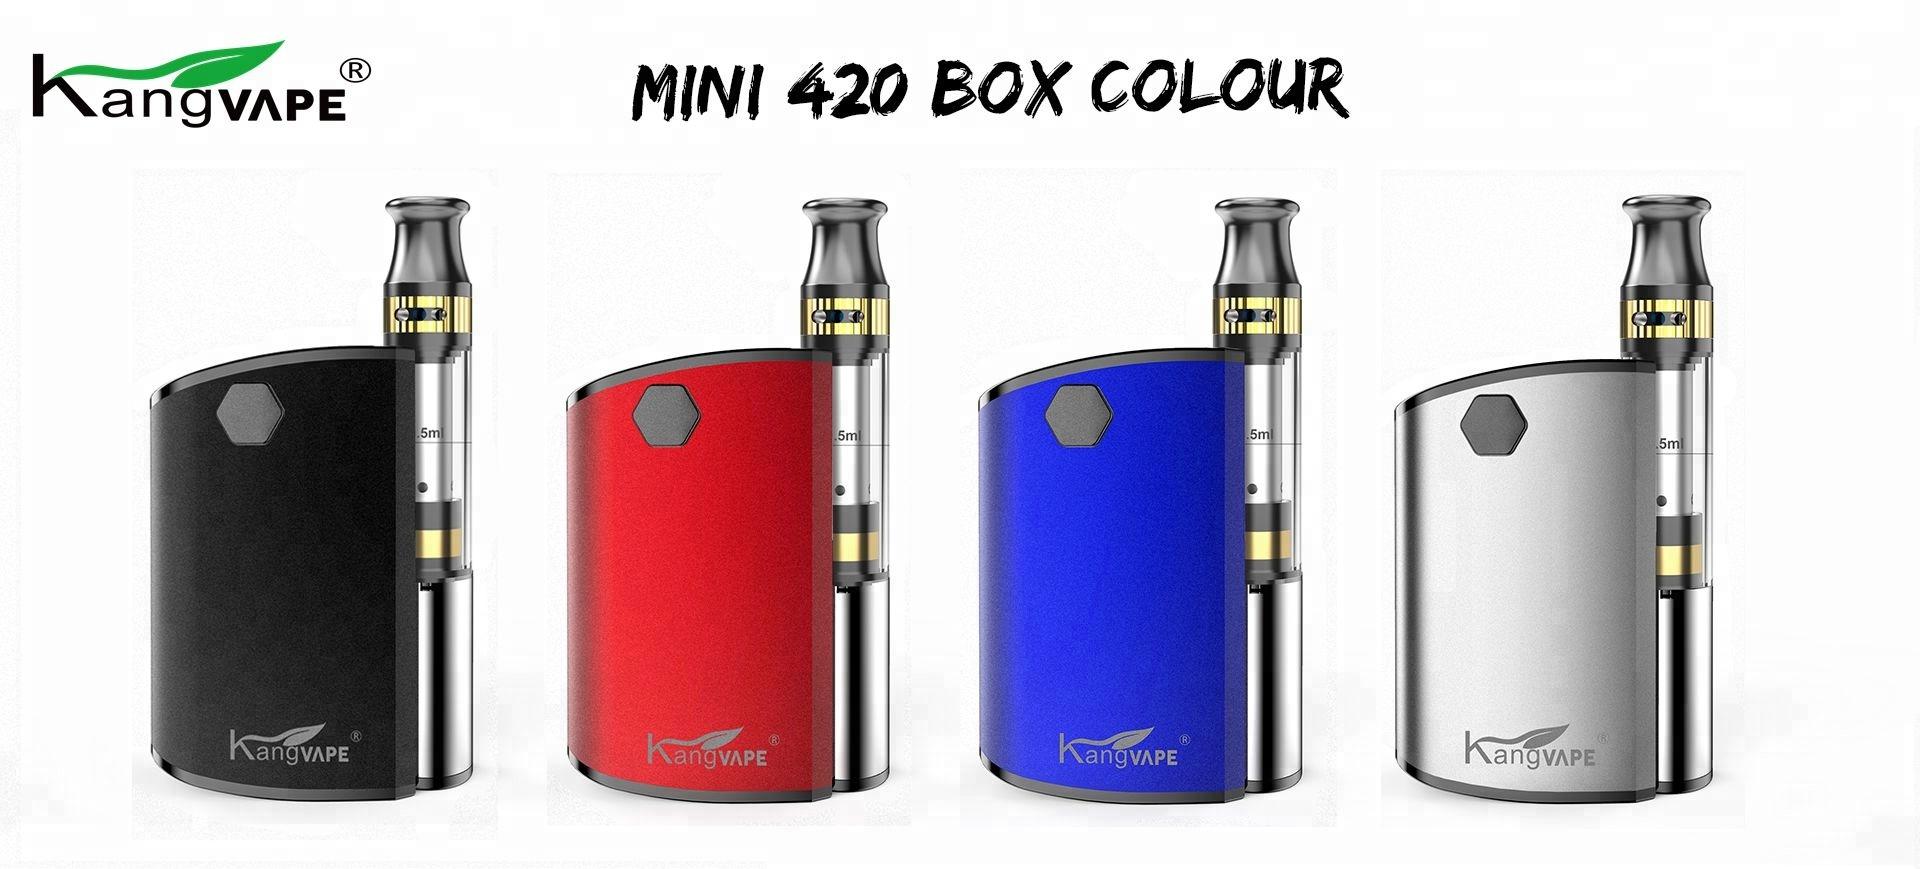 Kangvape  oil cartridge for vape pen packaging mini 420 box  CBD oil Cartridge vape box ceramic core 510 cbd  battery